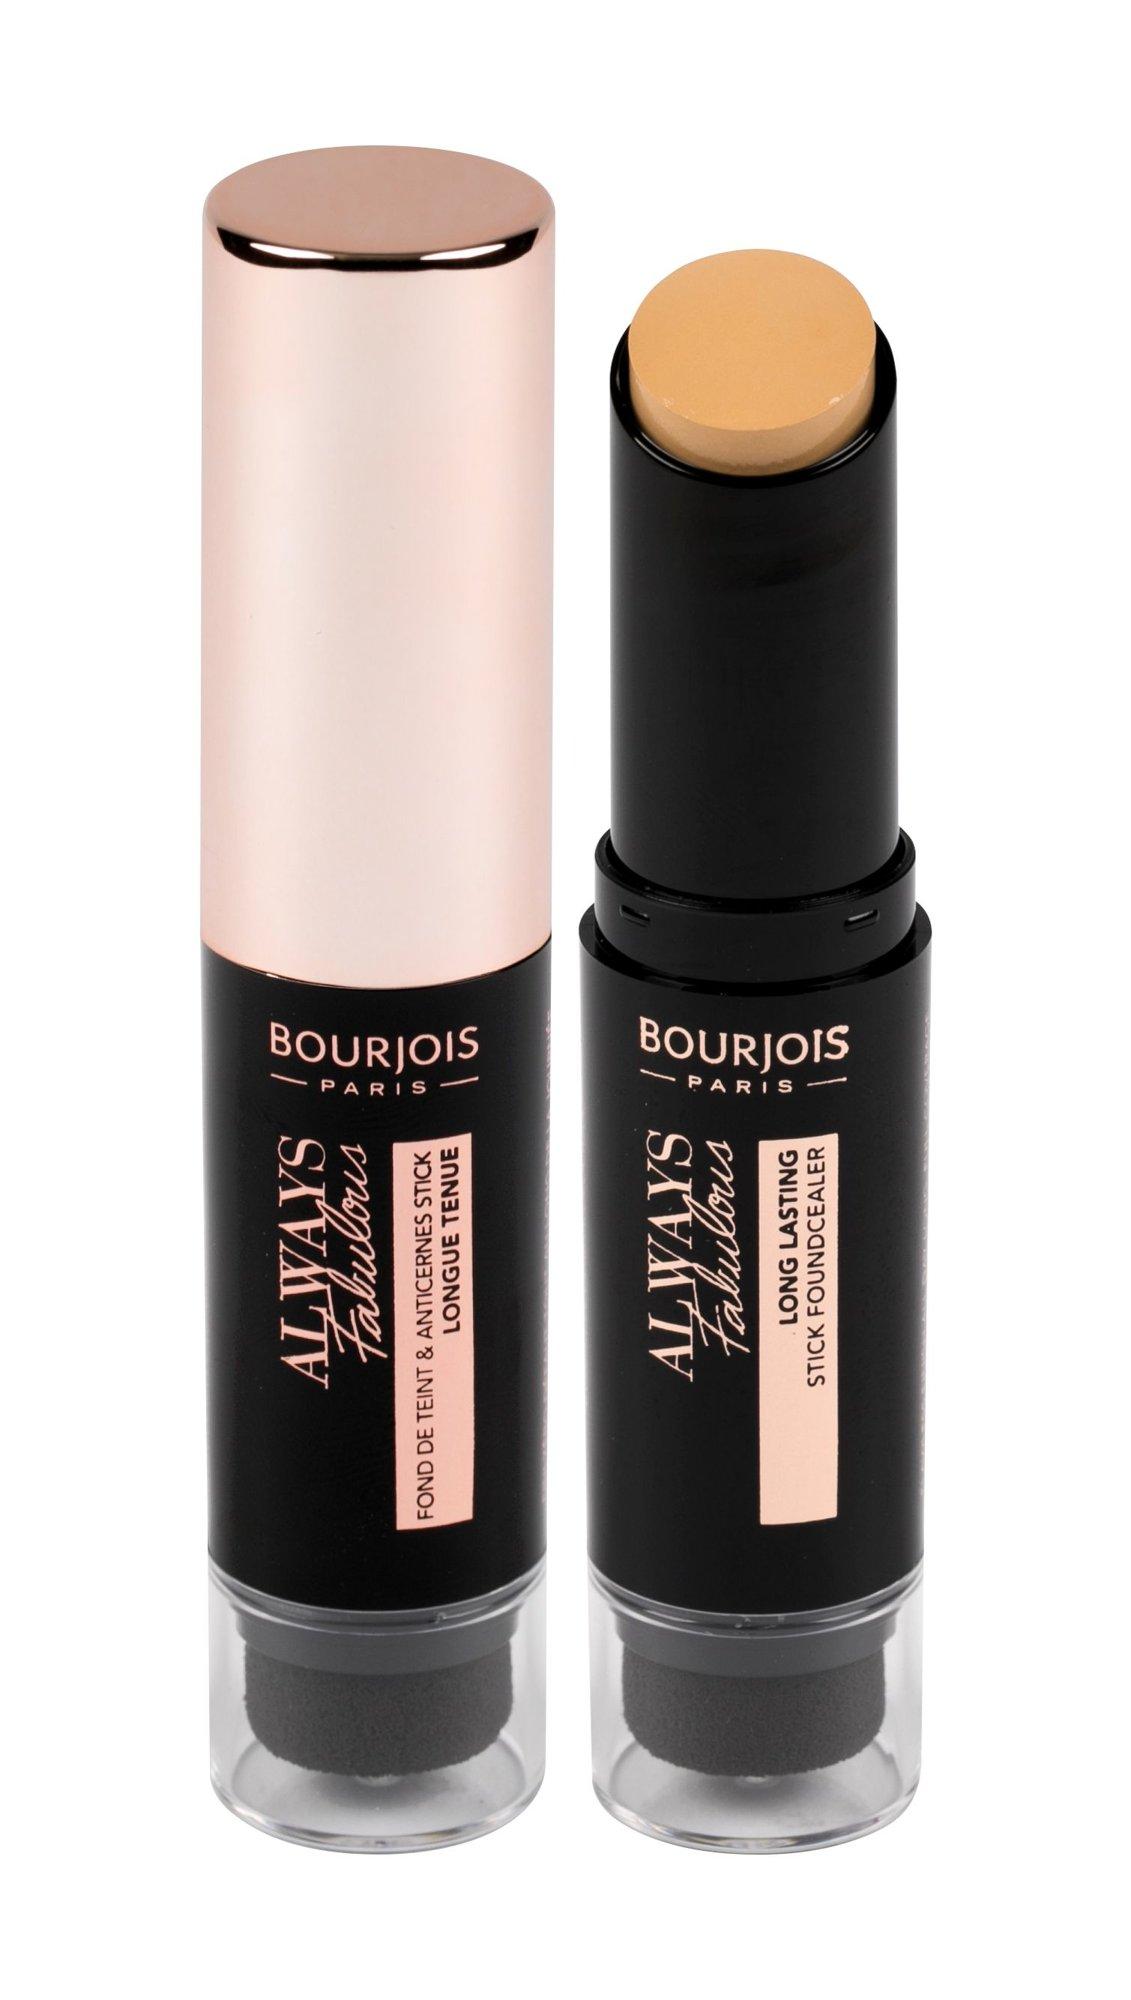 BOURJOIS Paris Always Fabulous Makeup 7,3ml 310 Beige